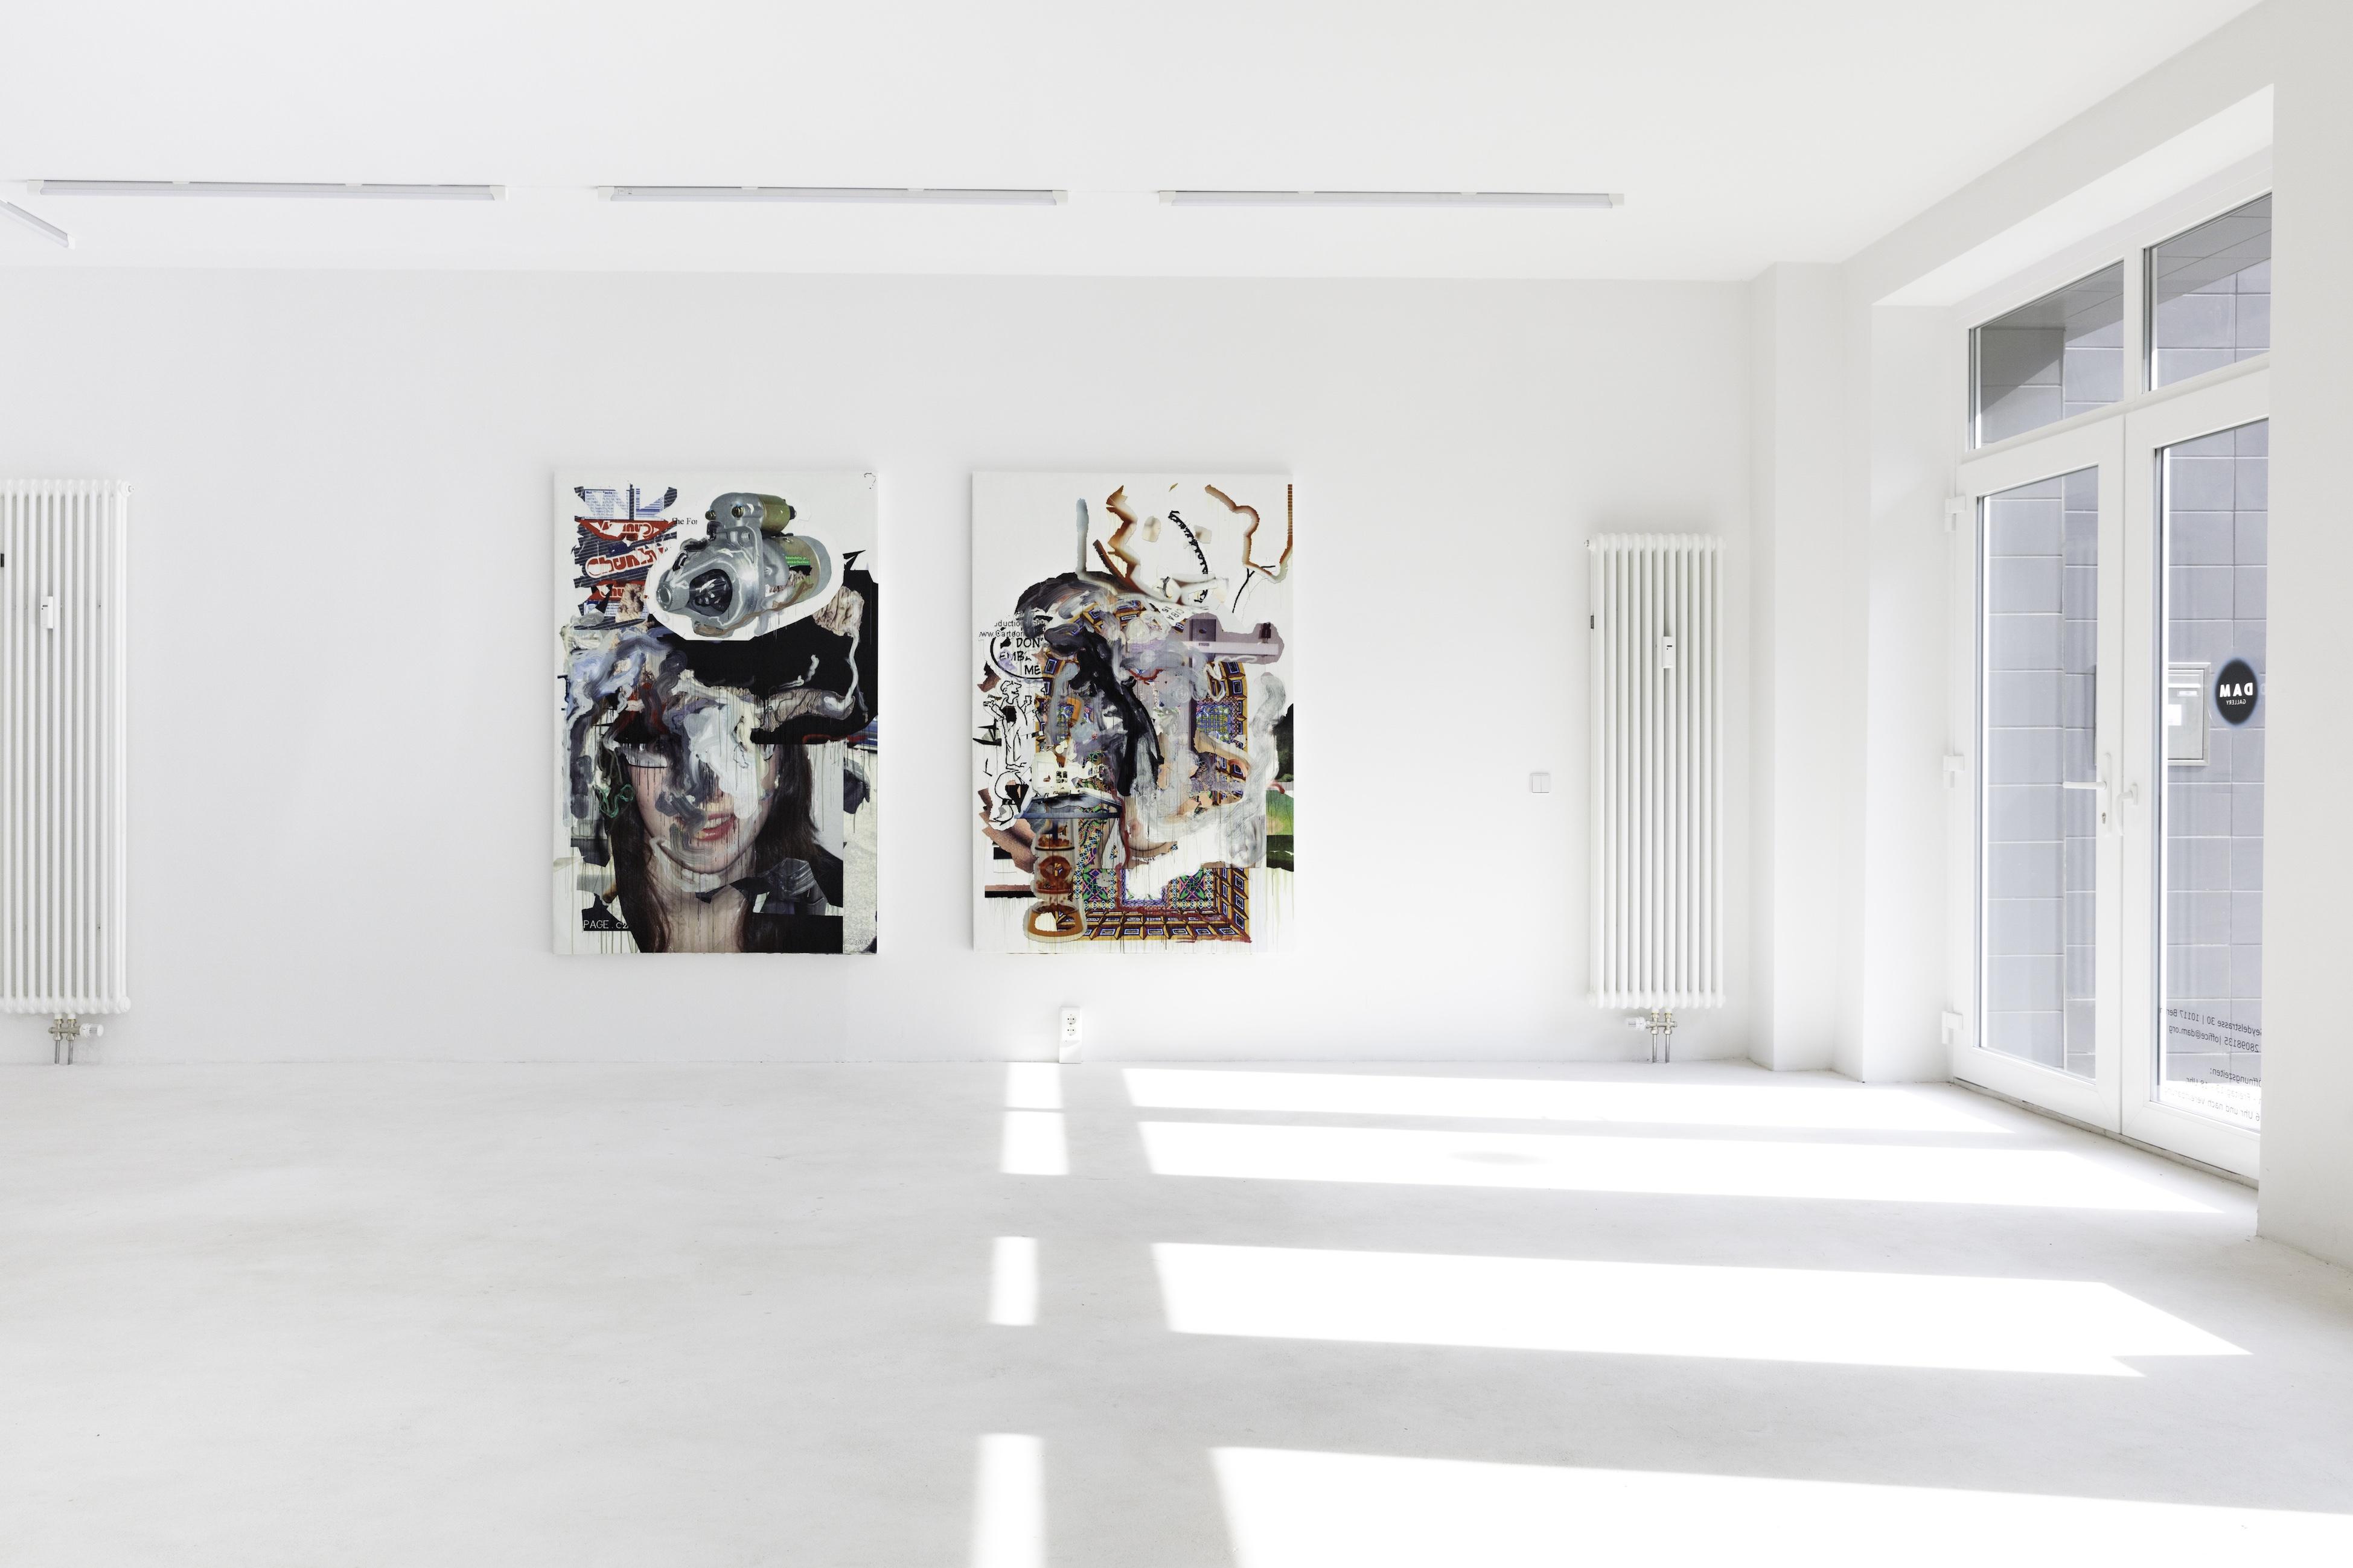 Siebren Versteeg, Mirror Finish, installation view, 2017